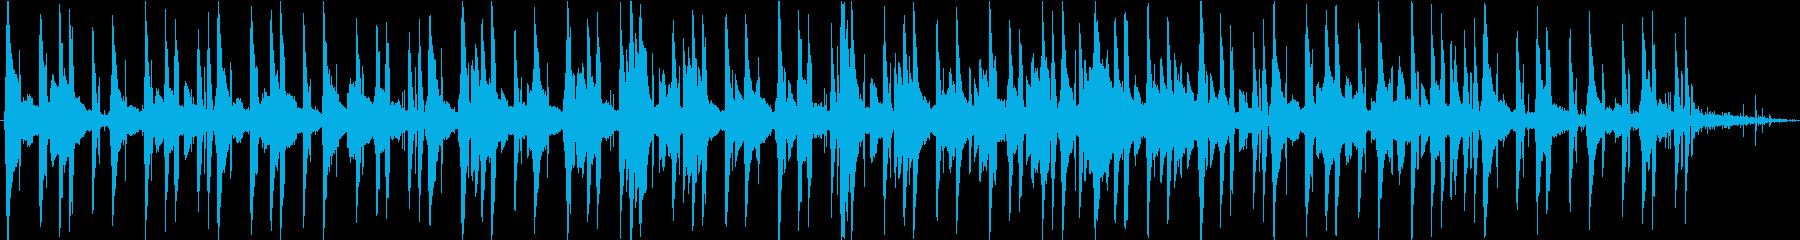 夜の街で聴きたいLofi-hiphopの再生済みの波形